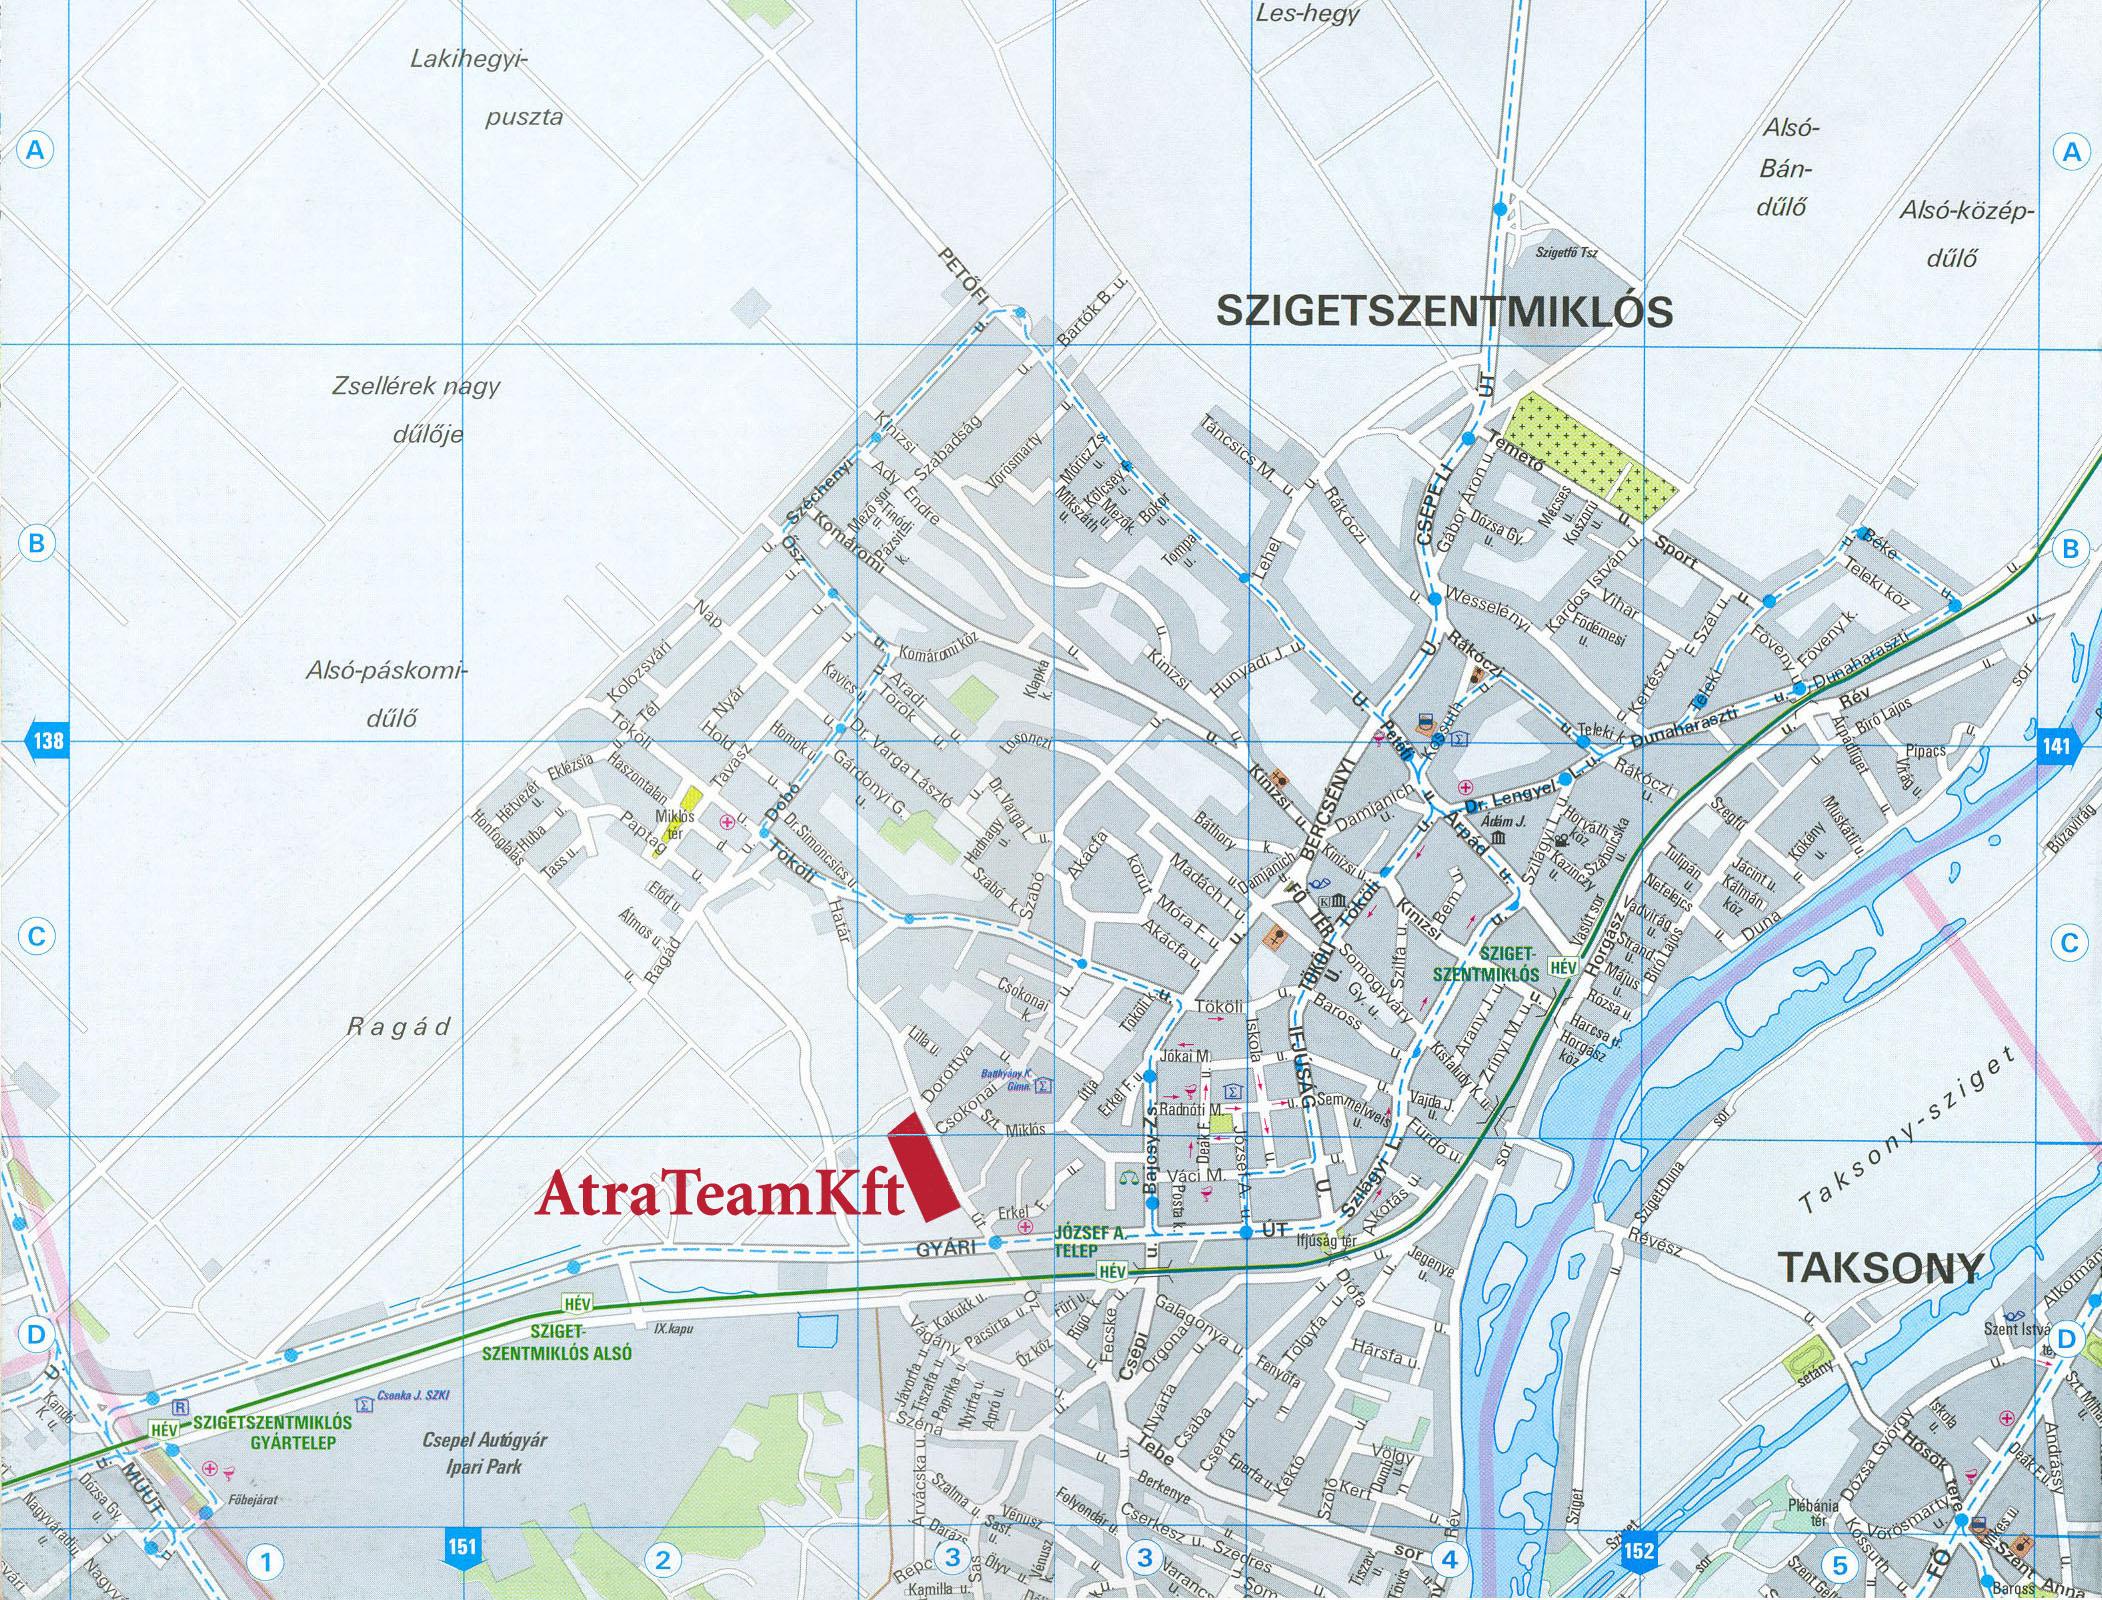 szigetszentmiklós térkép Atra Team Kft   Elérhetőség szigetszentmiklós térkép